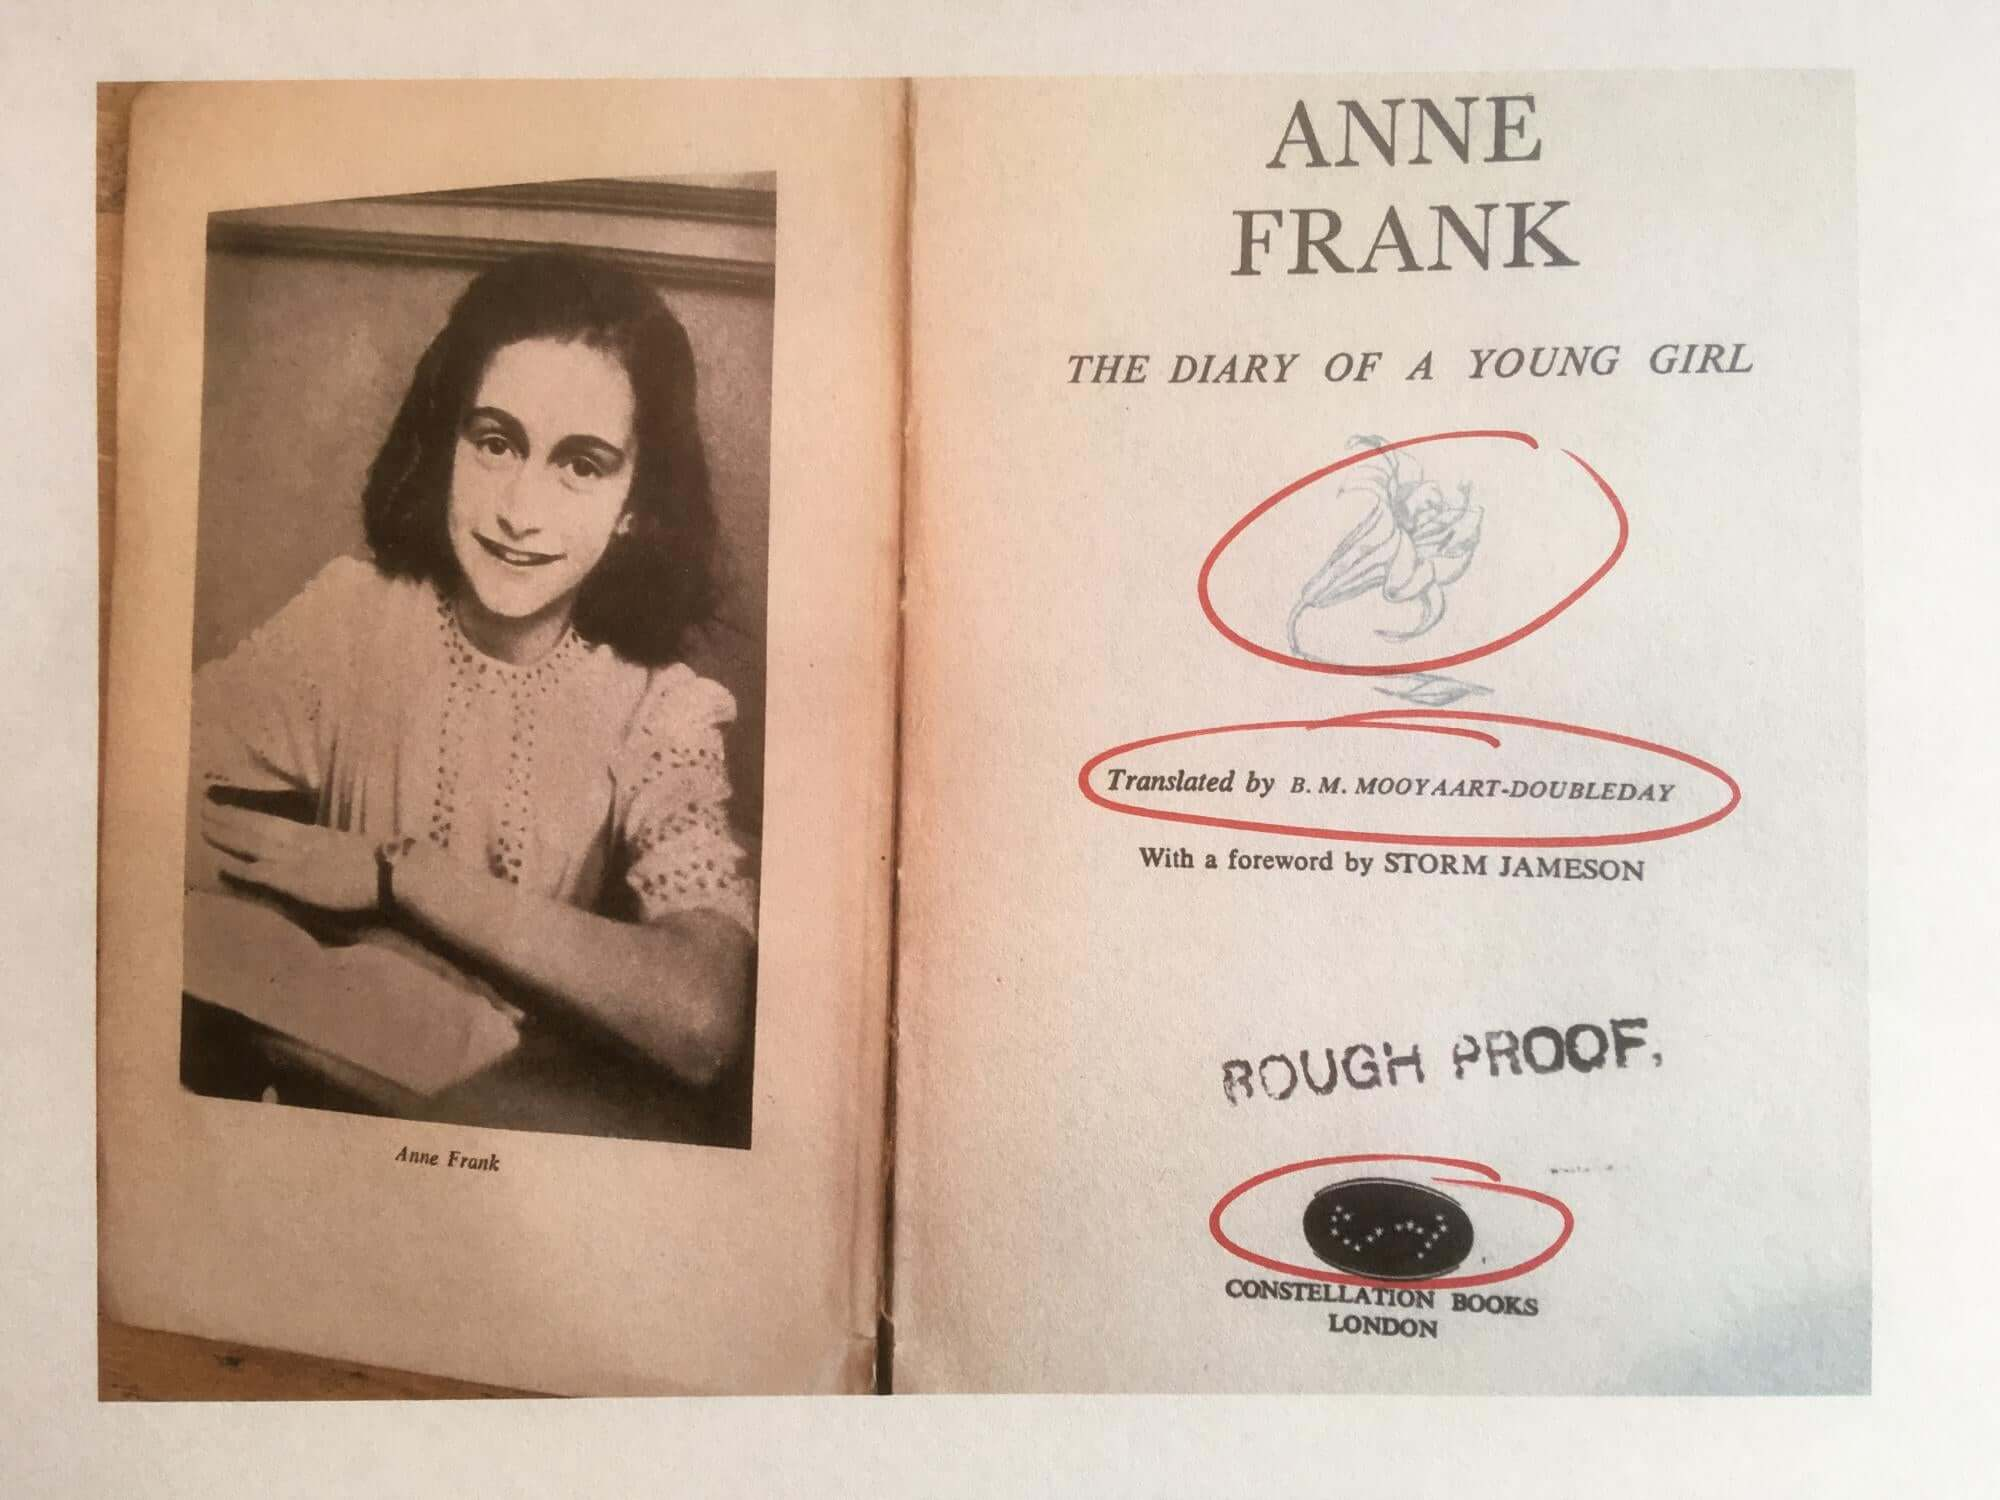 안네 프랑크 나치